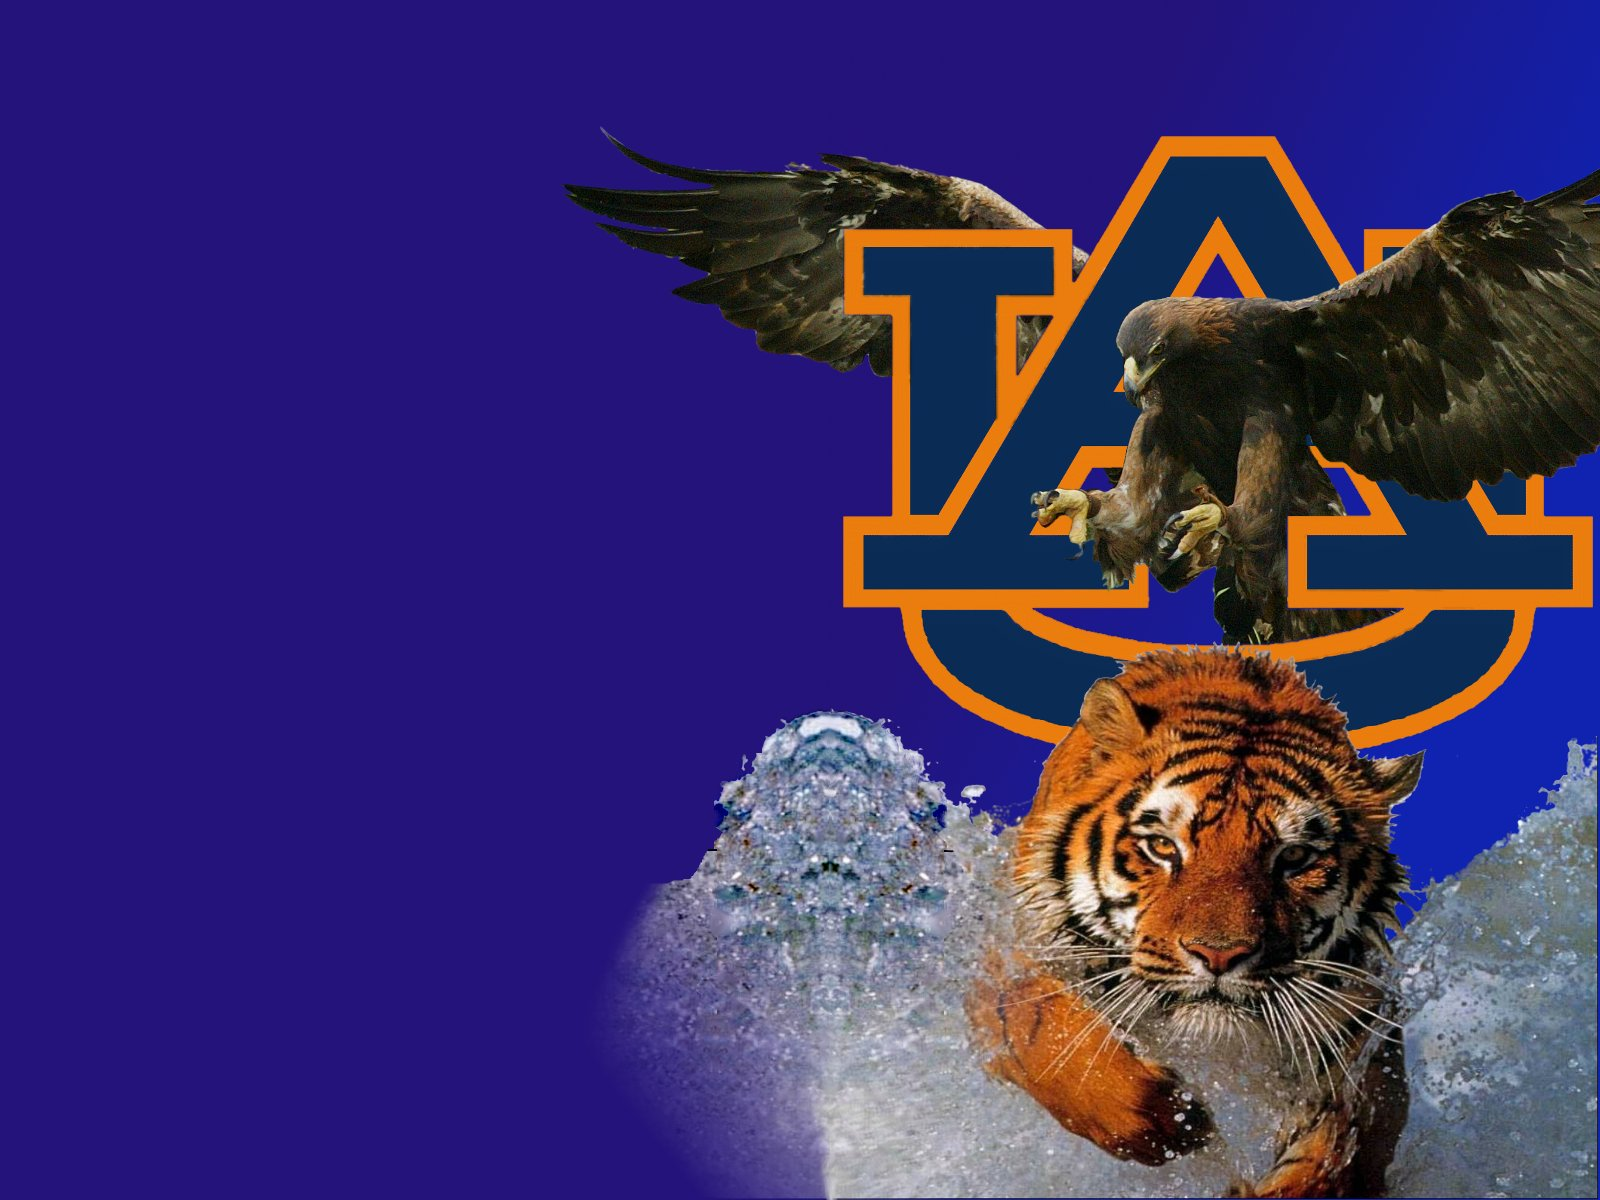 Auburn Football Wallpaper httpwwwprocyoncommiracleAUStuff 1600x1200